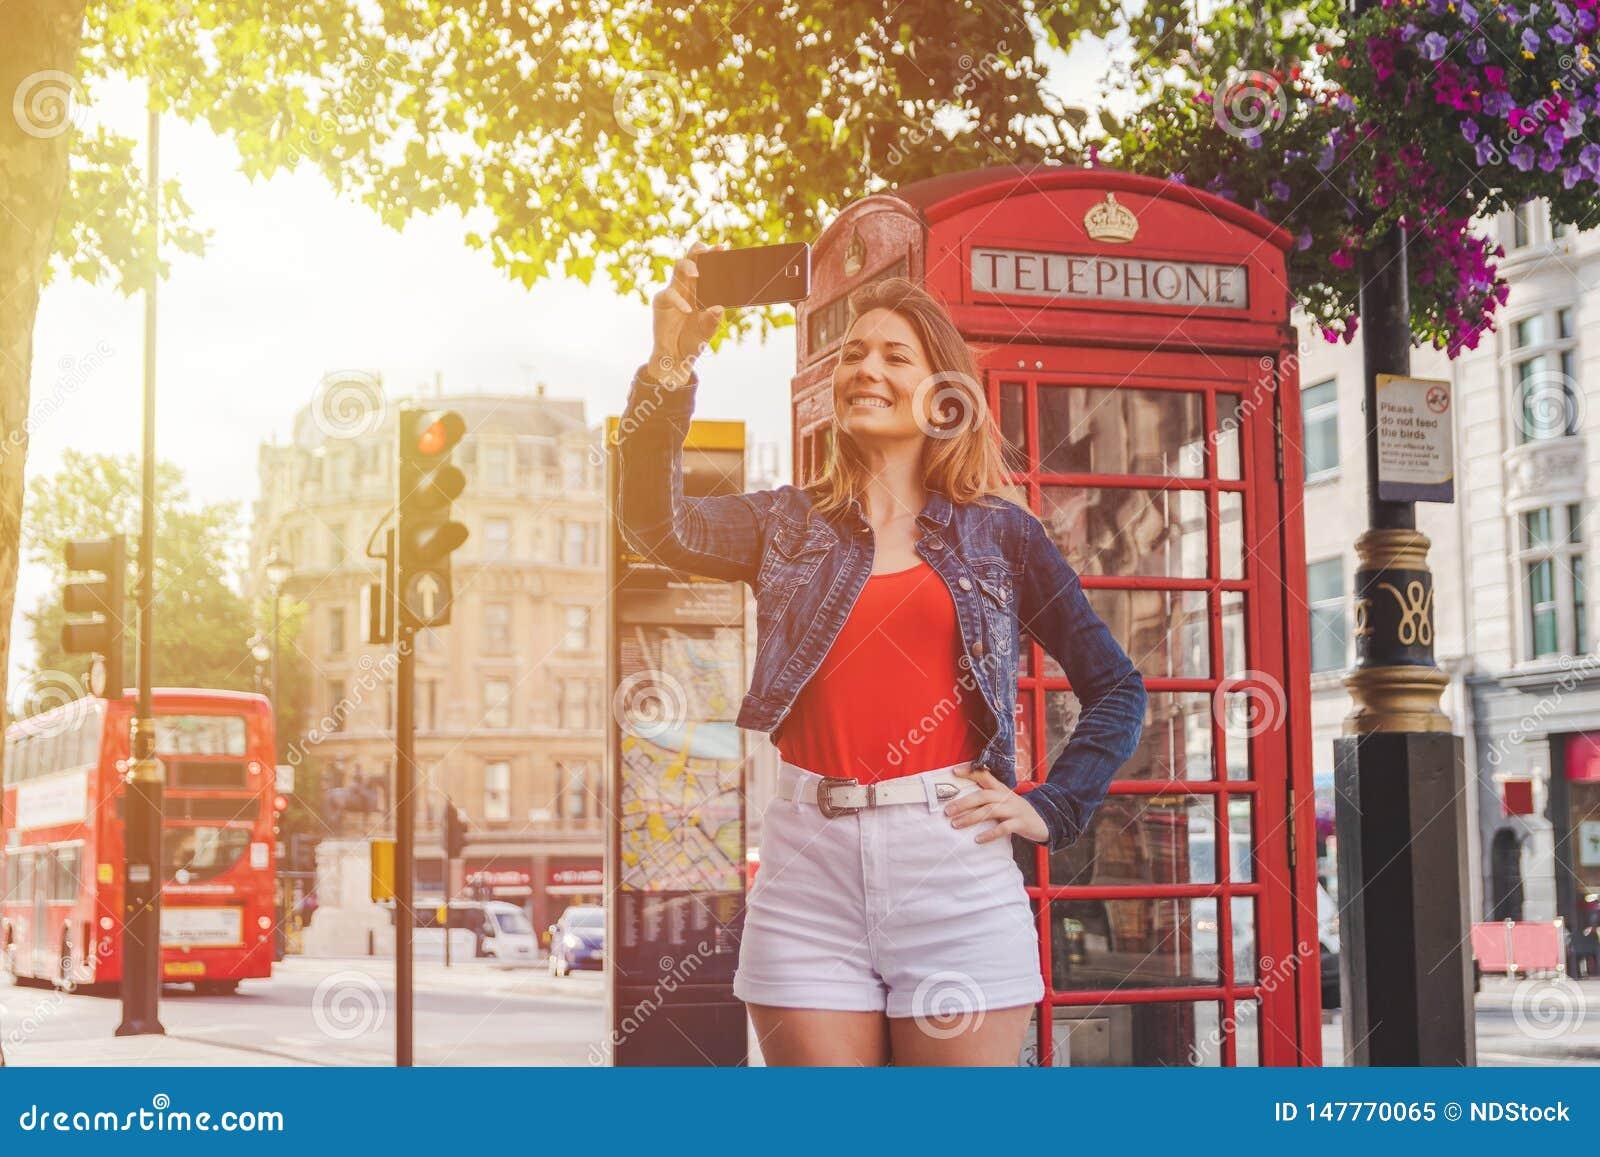 Ευτυχές νέο κορίτσι που παίρνει ένα selfie μπροστά από ένα τηλεφωνικό κιβώτιο και ένα κόκκινο λεωφορείο στο Λονδίνο